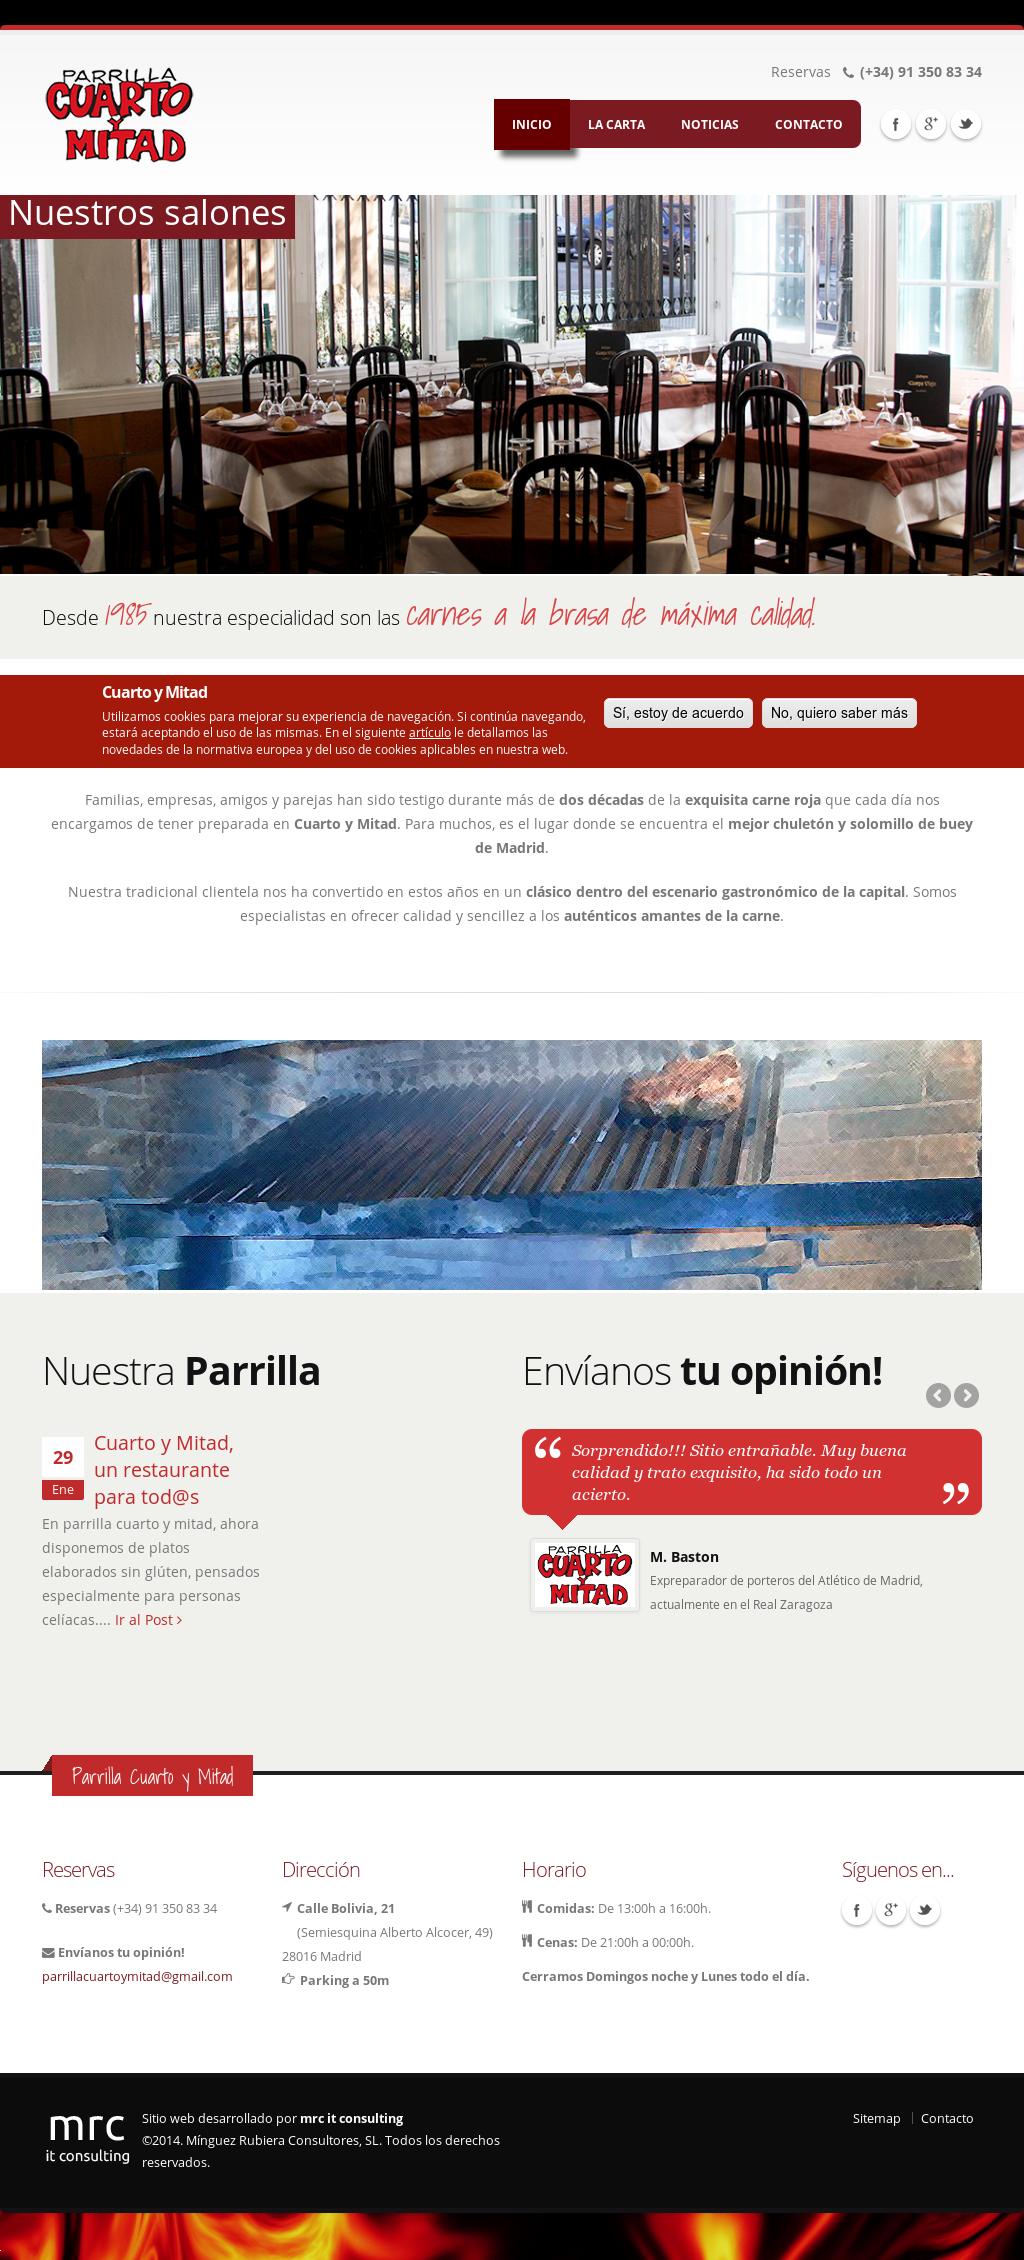 Parrilla Cuarto Y Mitad Competitors, Revenue and Employees ...